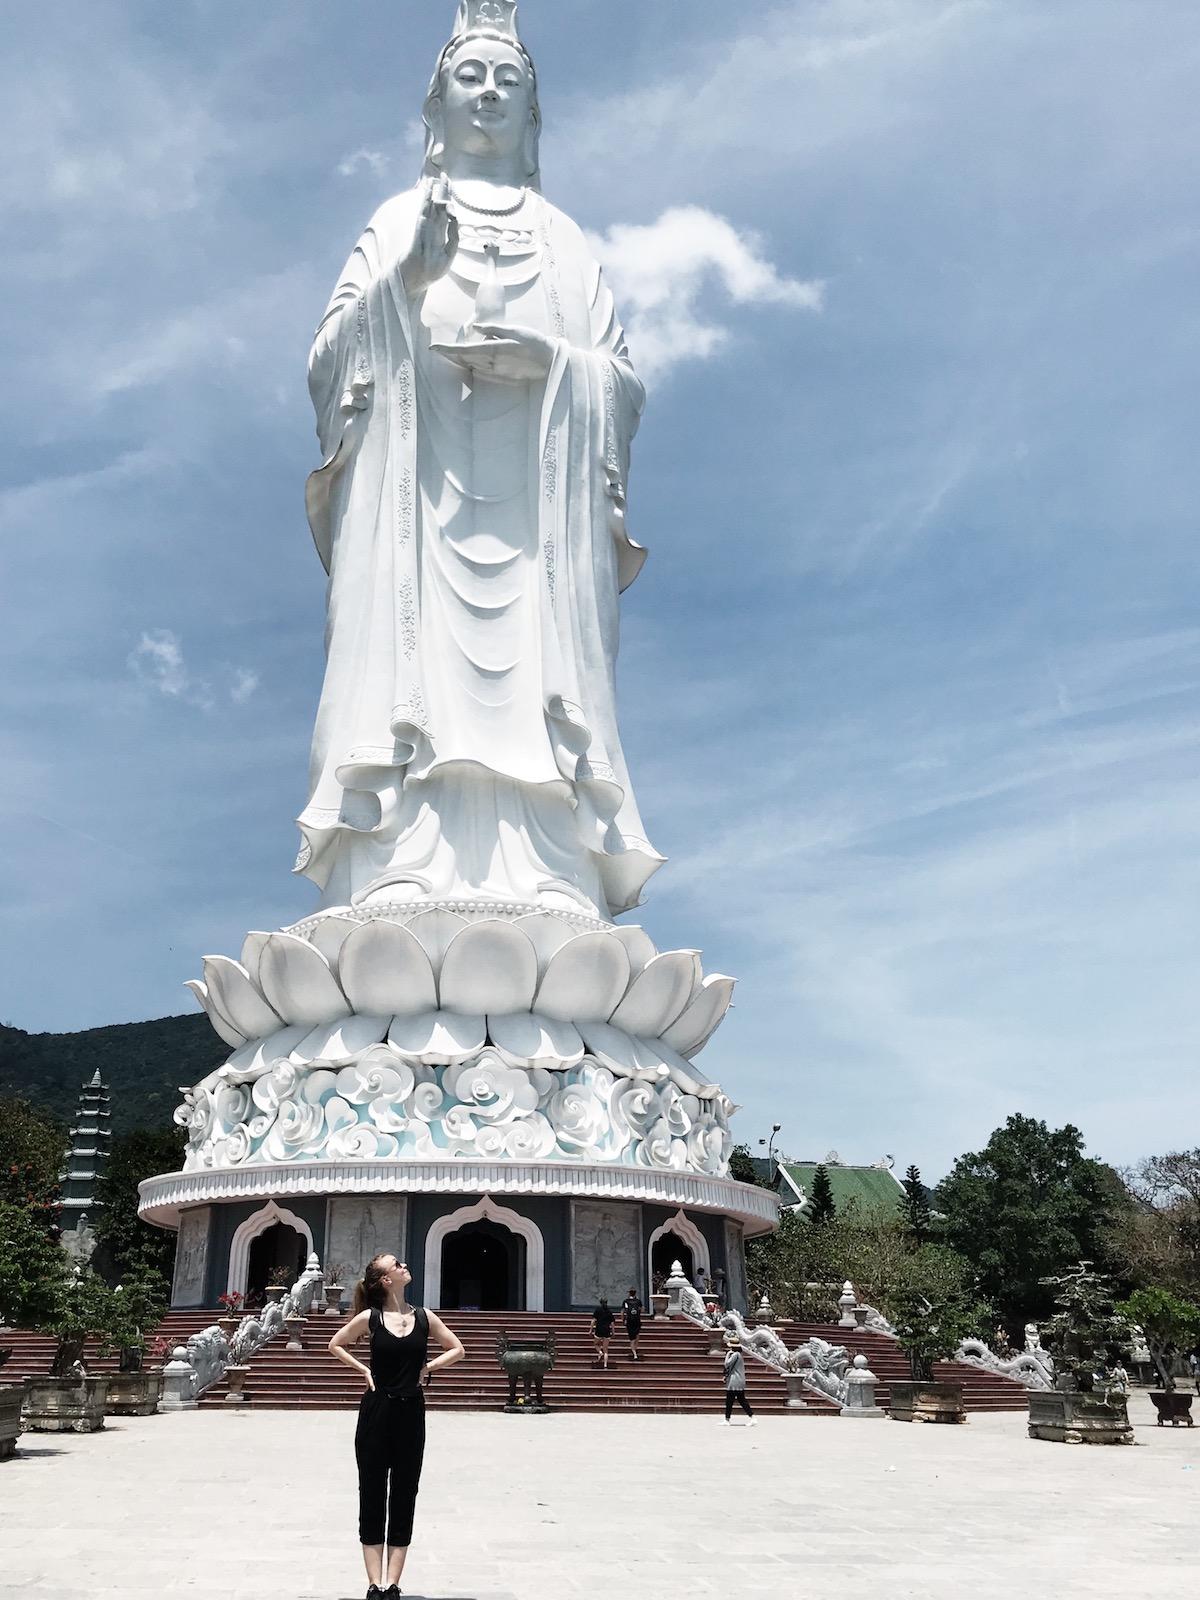 Chùa Linh Ứng, Son Tra, Da Nang, Vietnam Travel Diary | Ruby Josephine